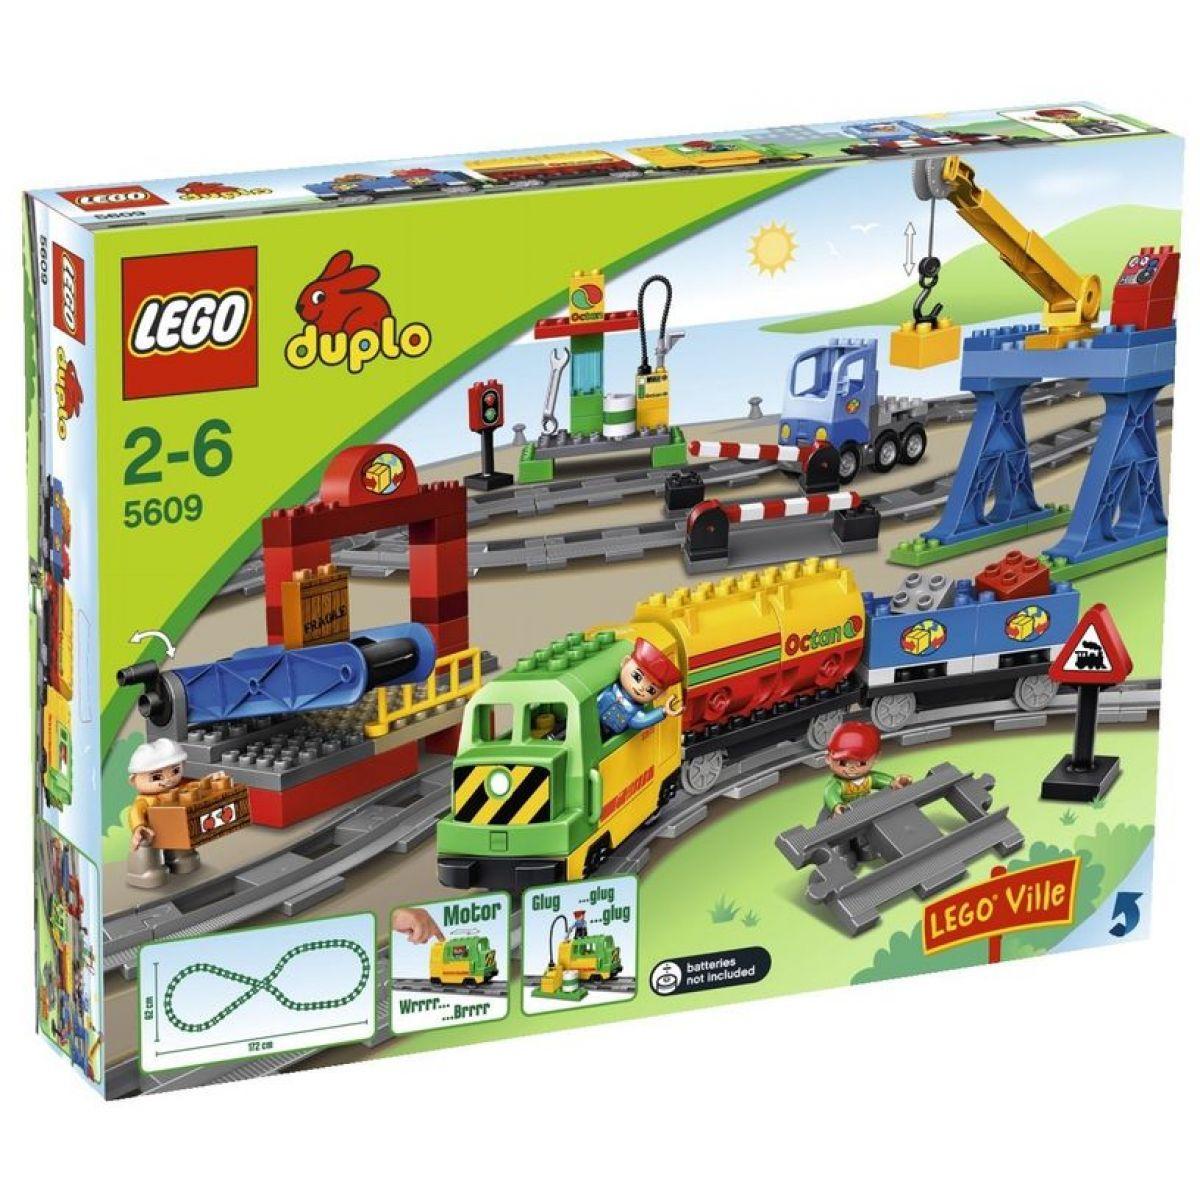 LEGO DUPLO 5609 Vlaková sada Deluxe